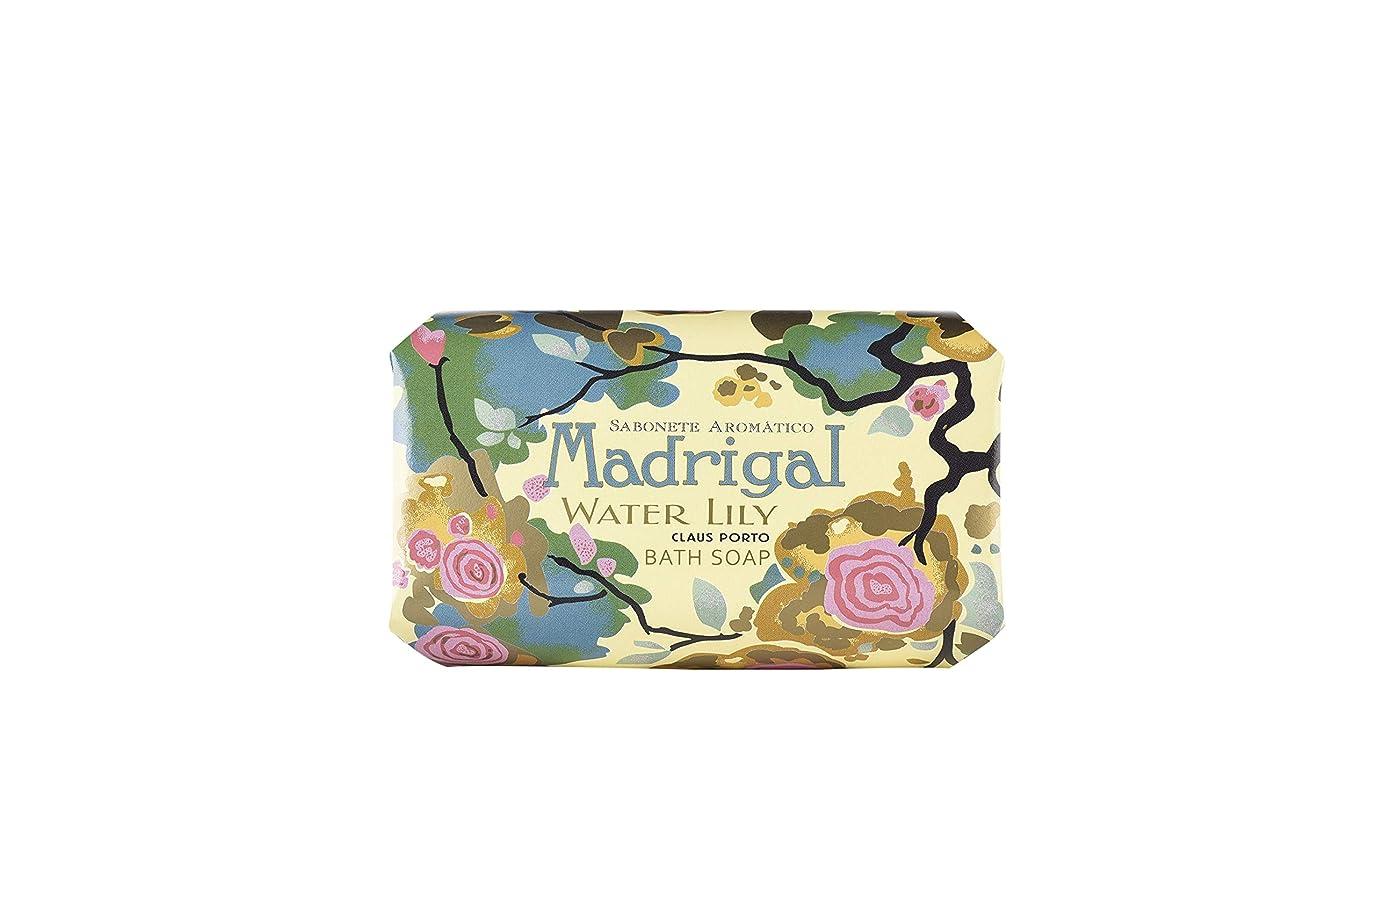 リクルートスピリチュアルマキシムClaus Porto MADRIGAL マドリガール バスソープ 350g